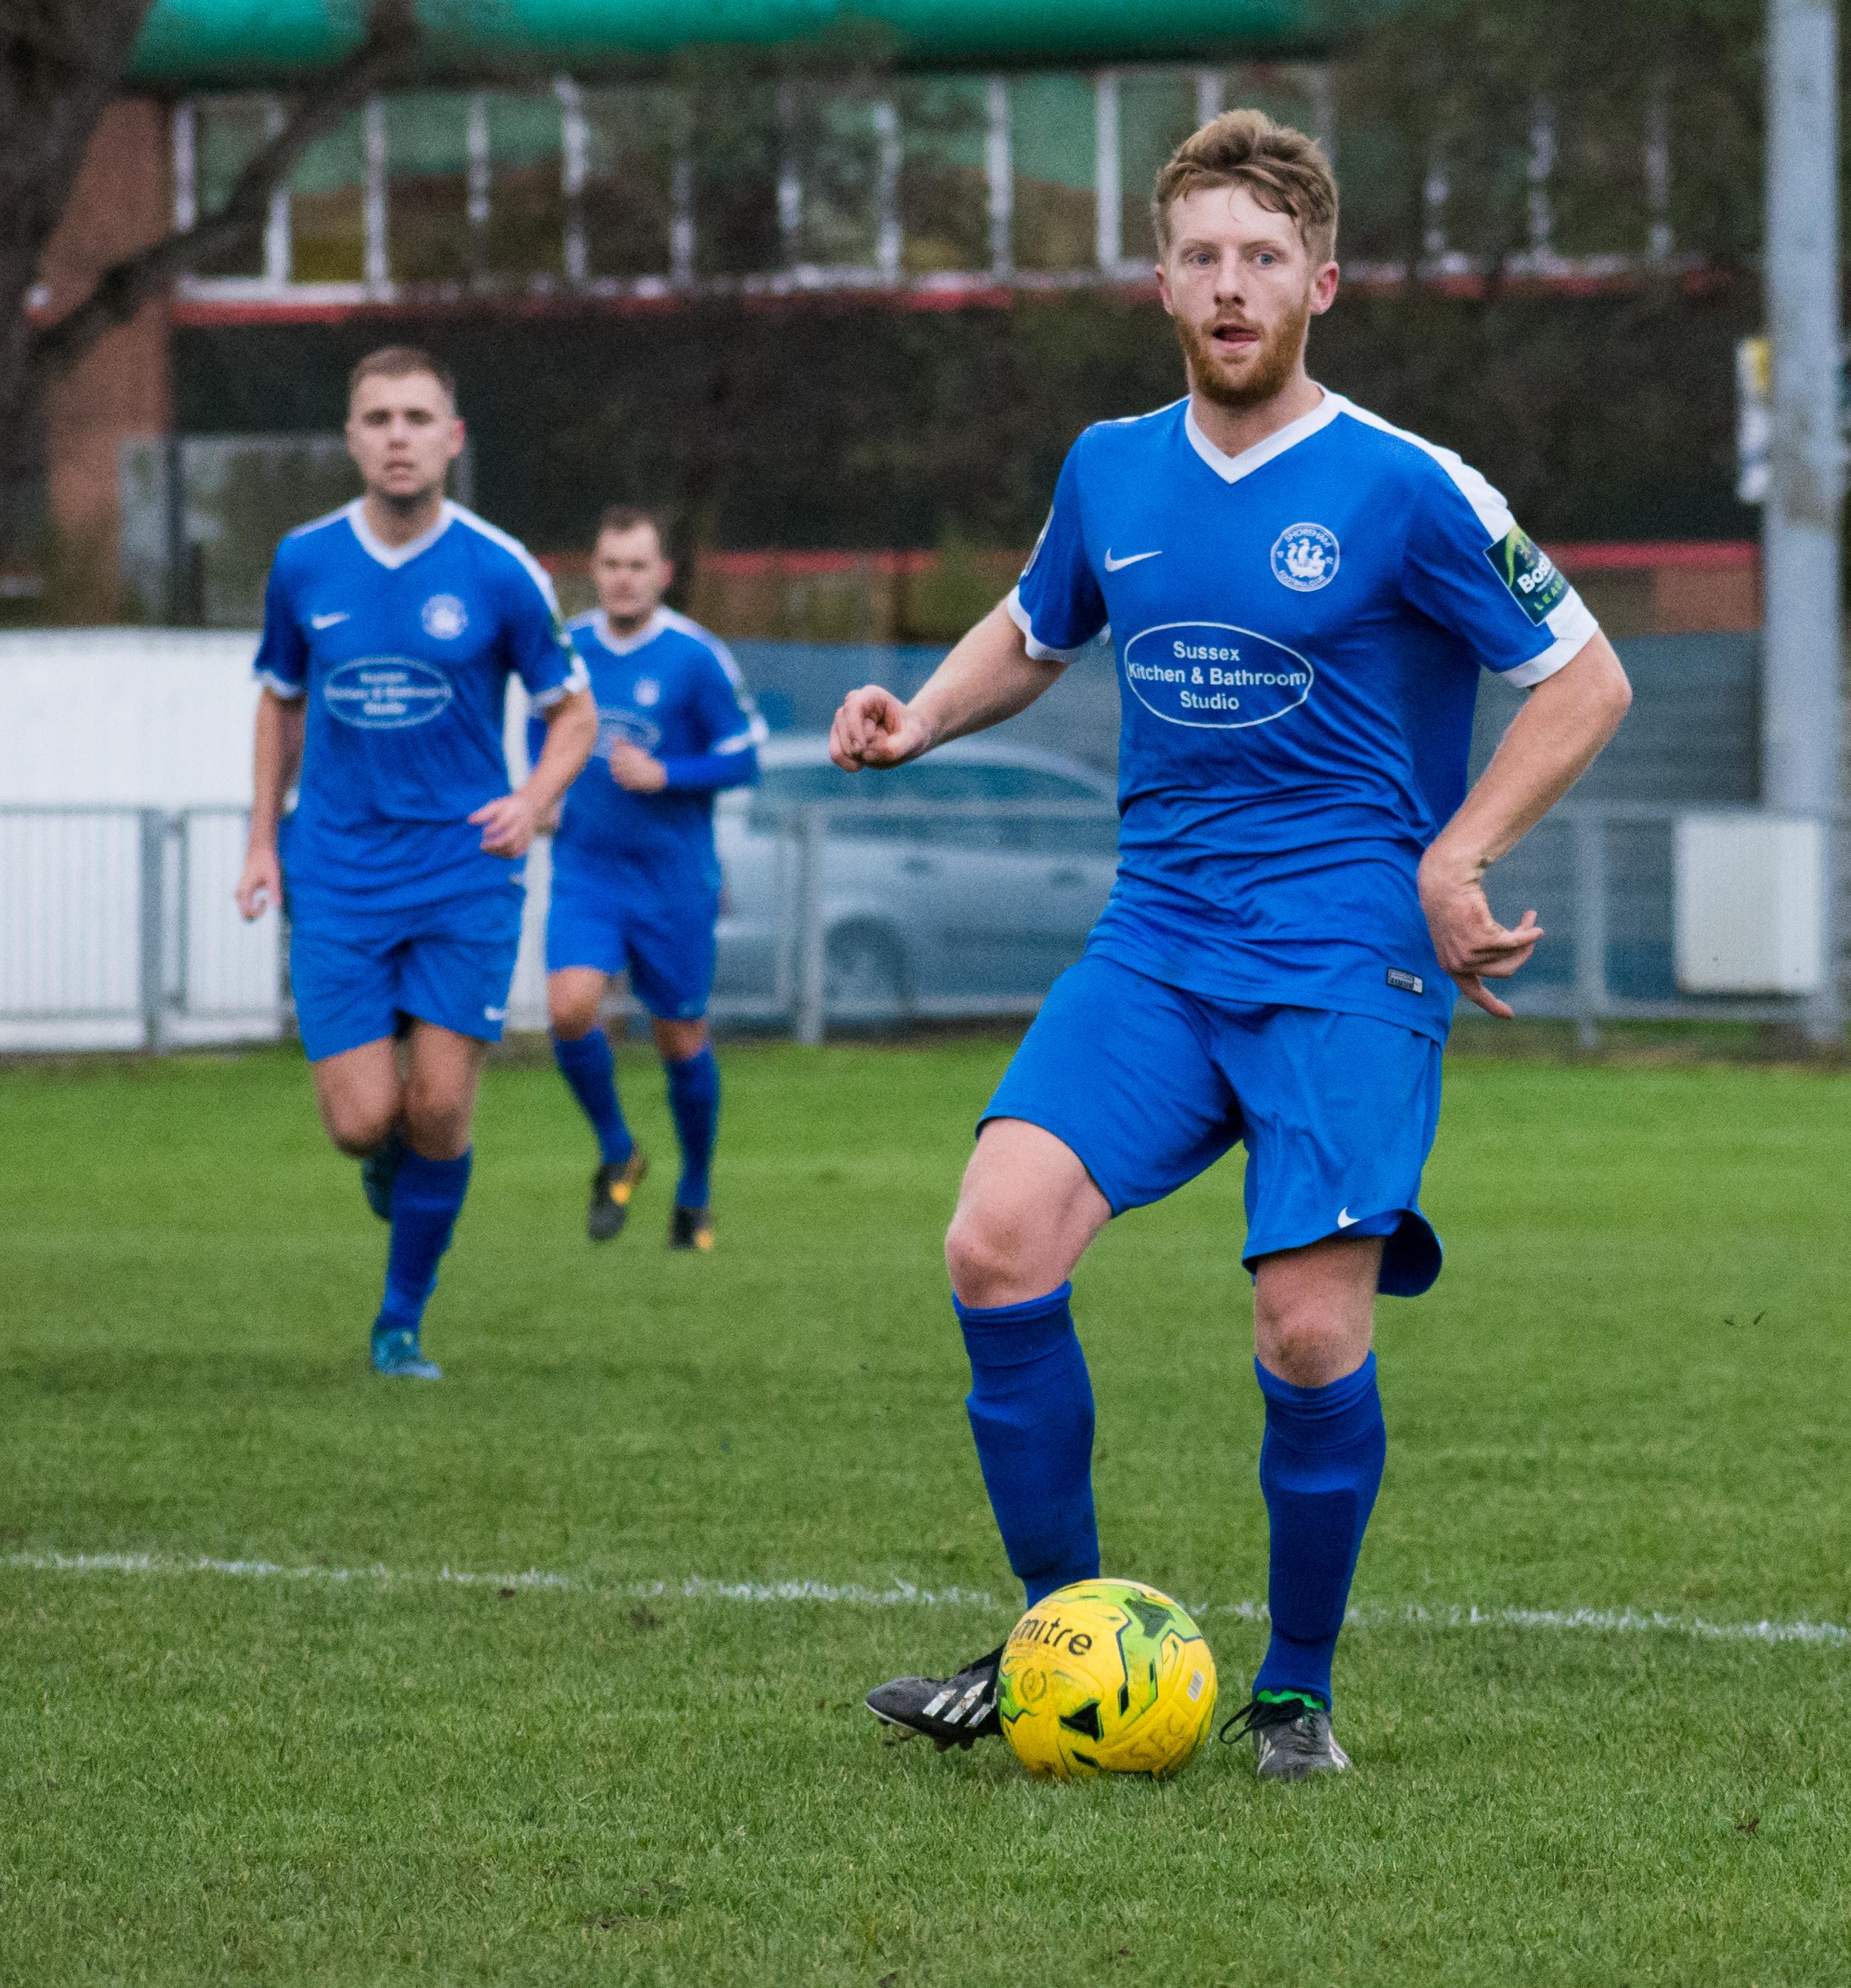 Shoreham FC vs Hythe Town 11.11.17 37